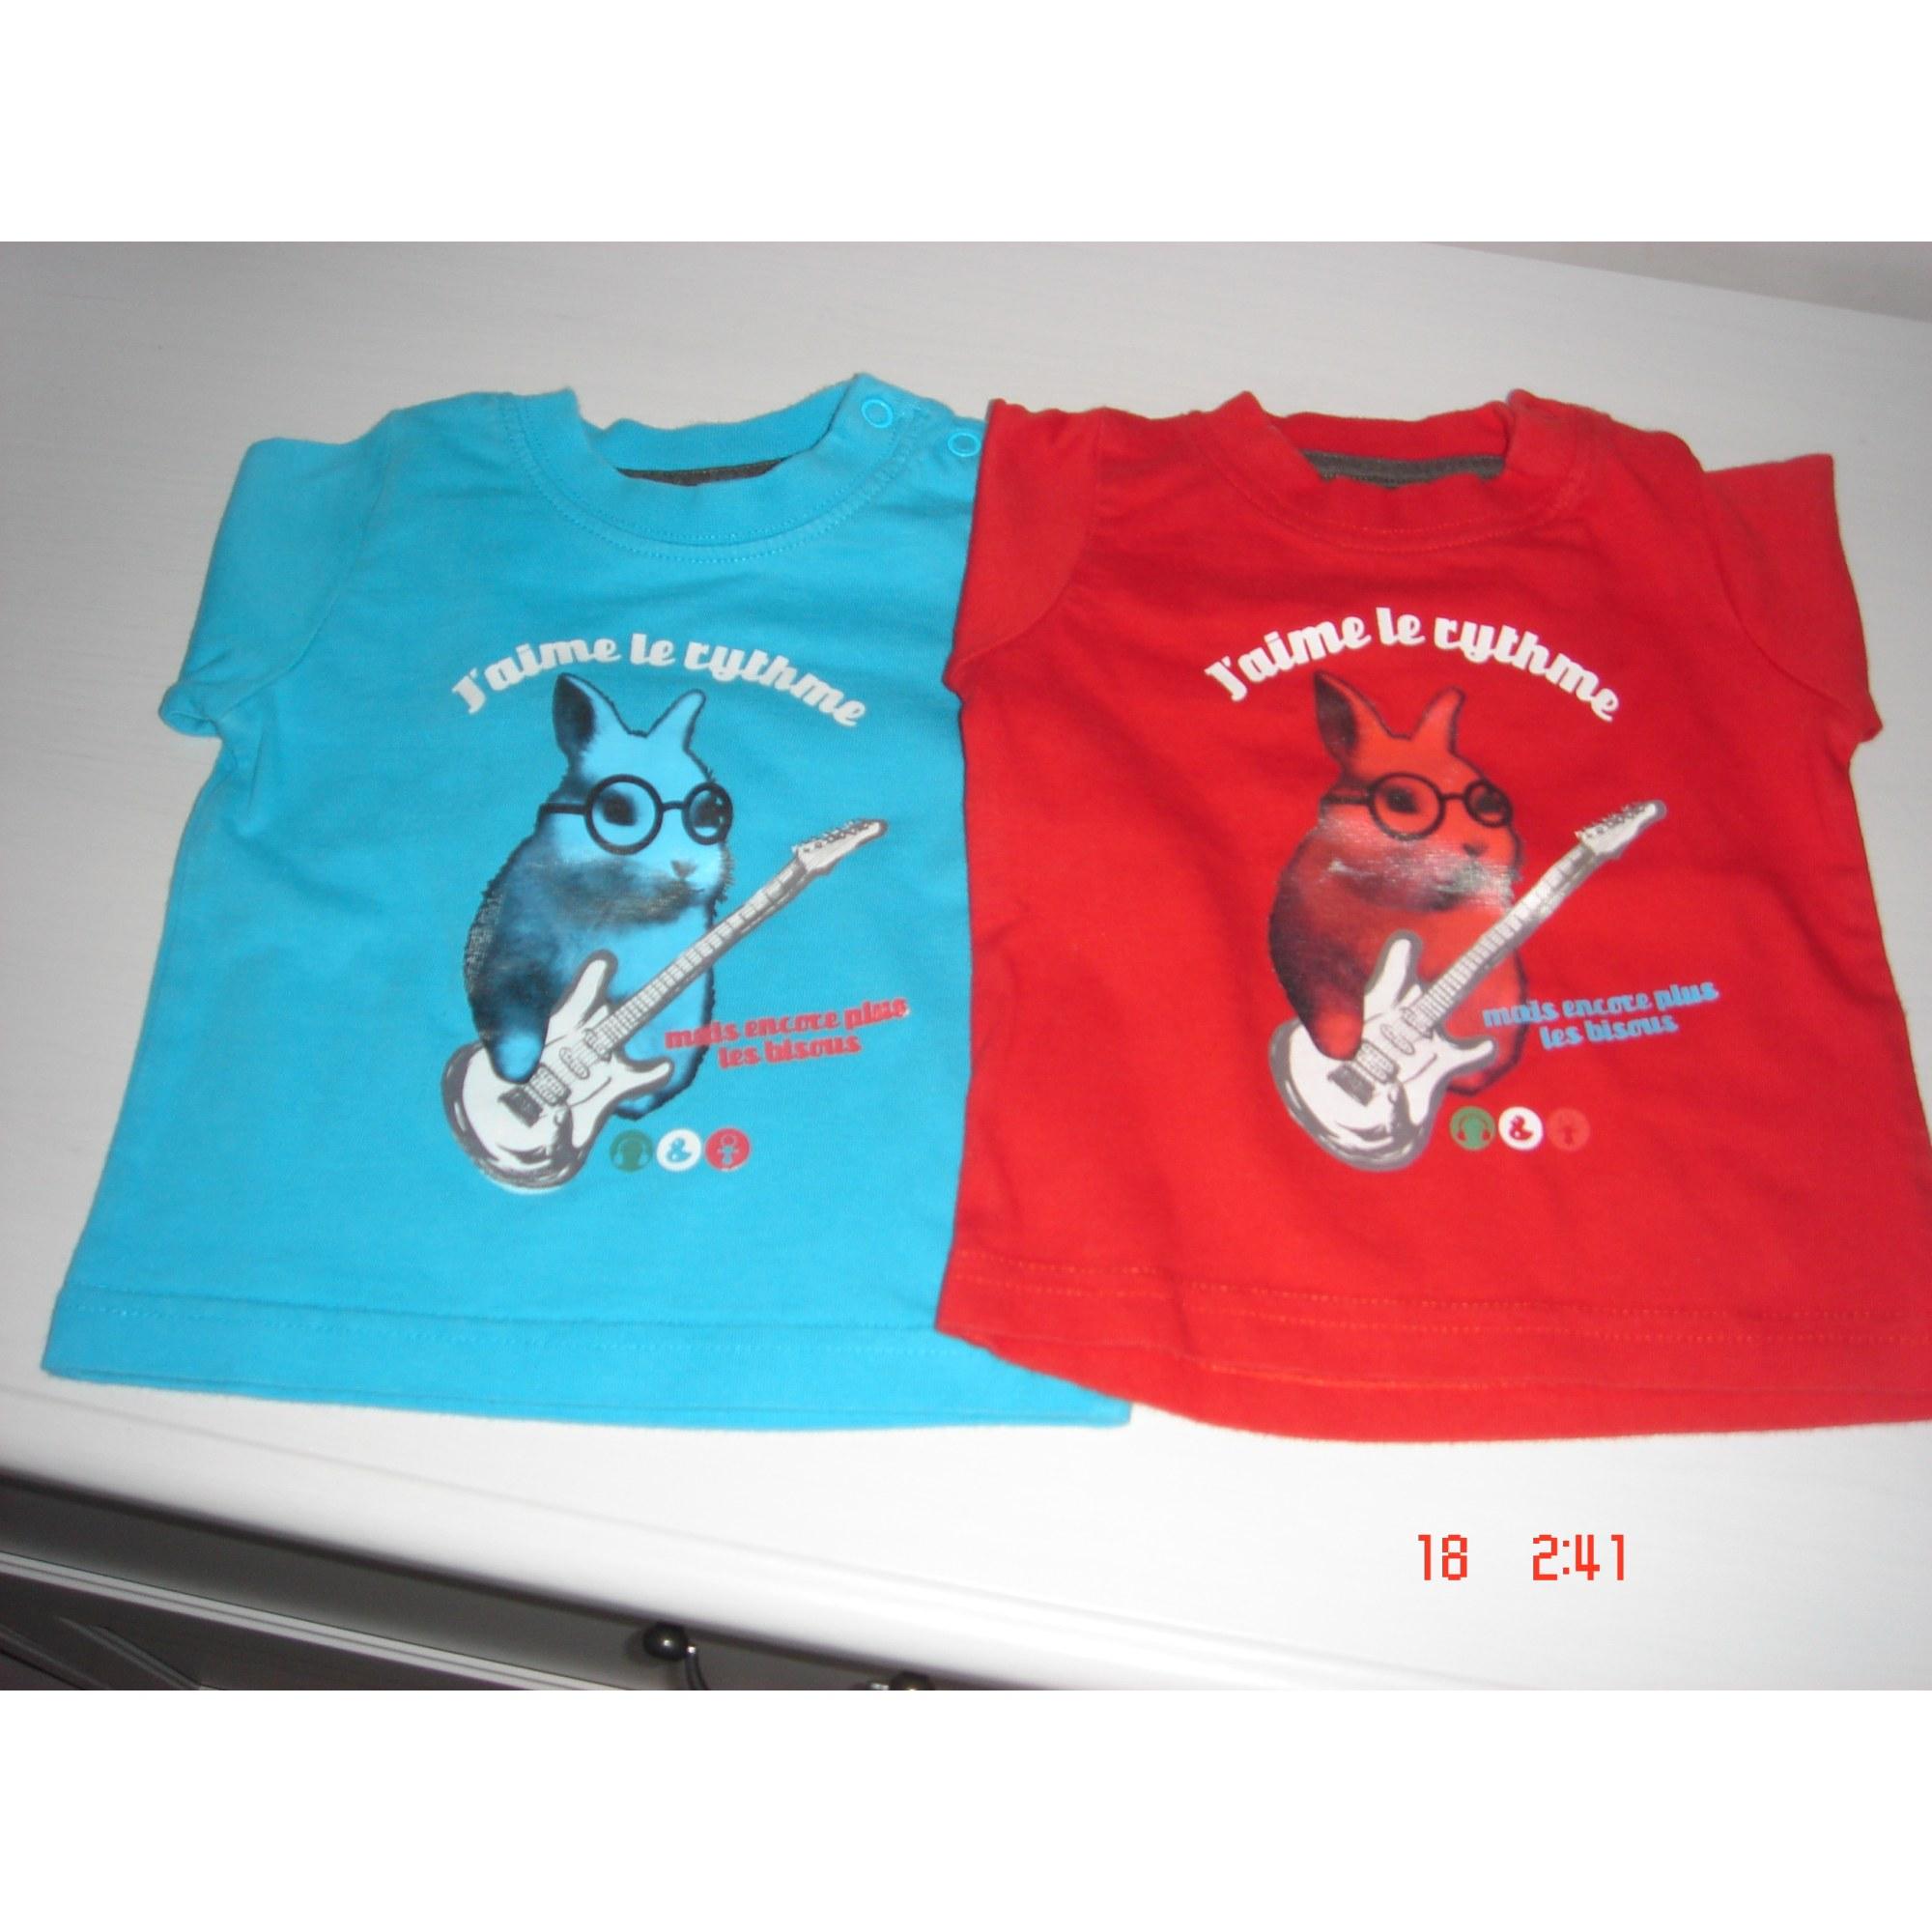 Top, tee shirt TOUT COMPTE FAIT Bleu, bleu marine, bleu turquoise